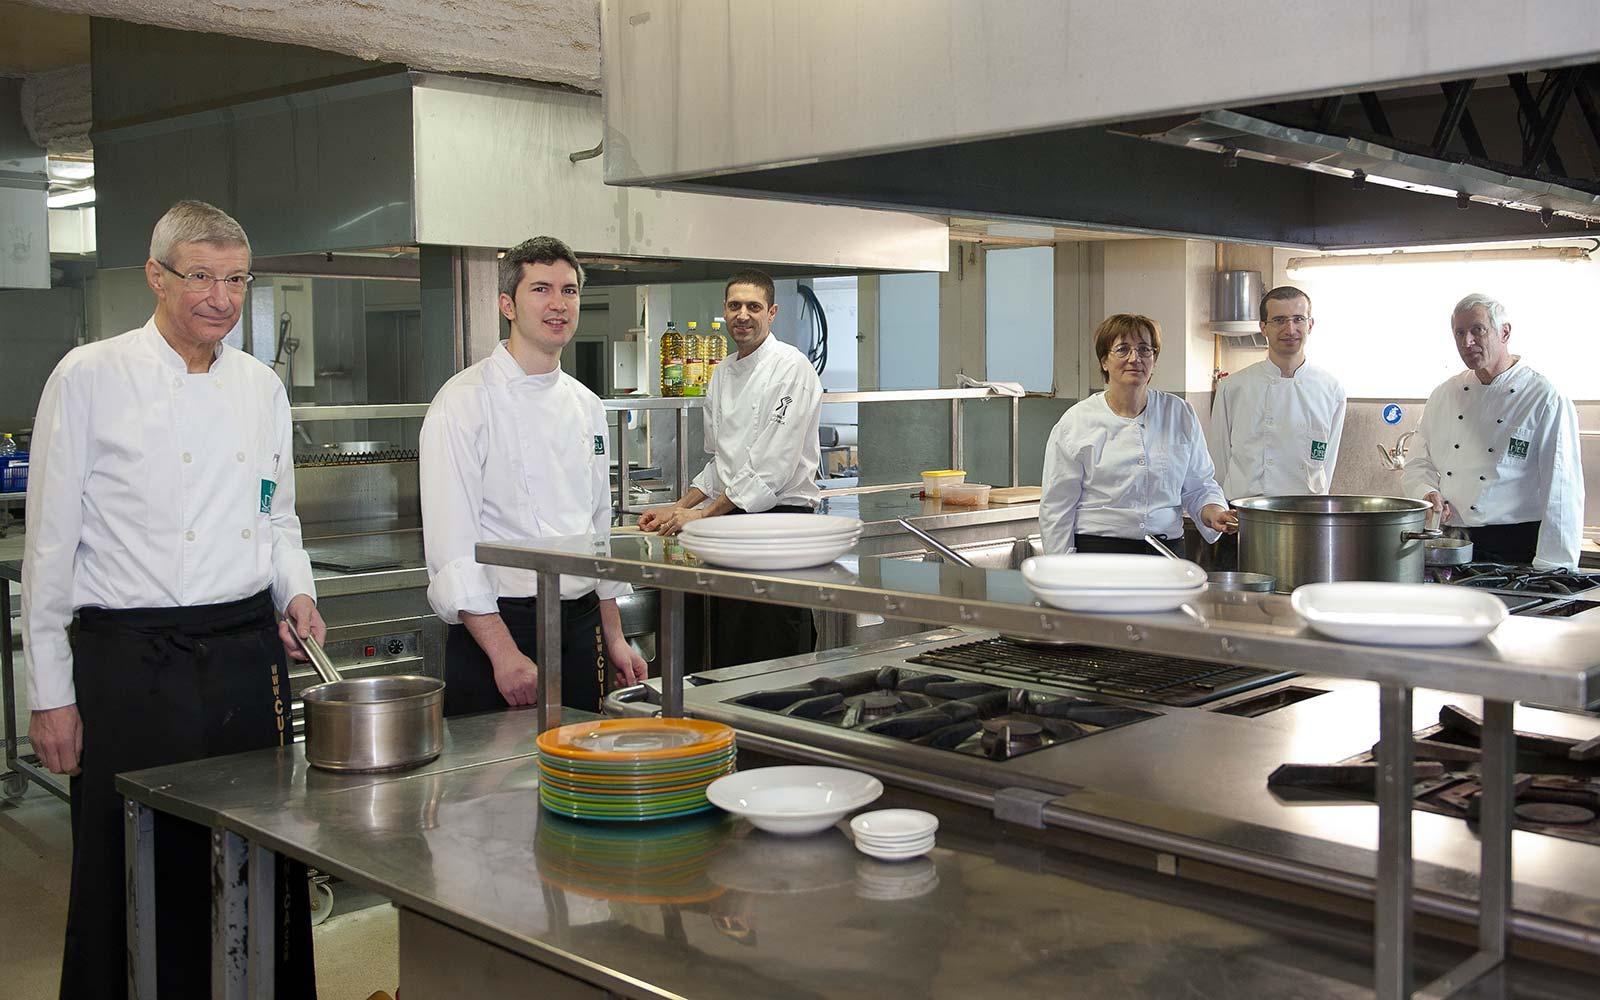 Equipo de la cocina del restaurante La Deu